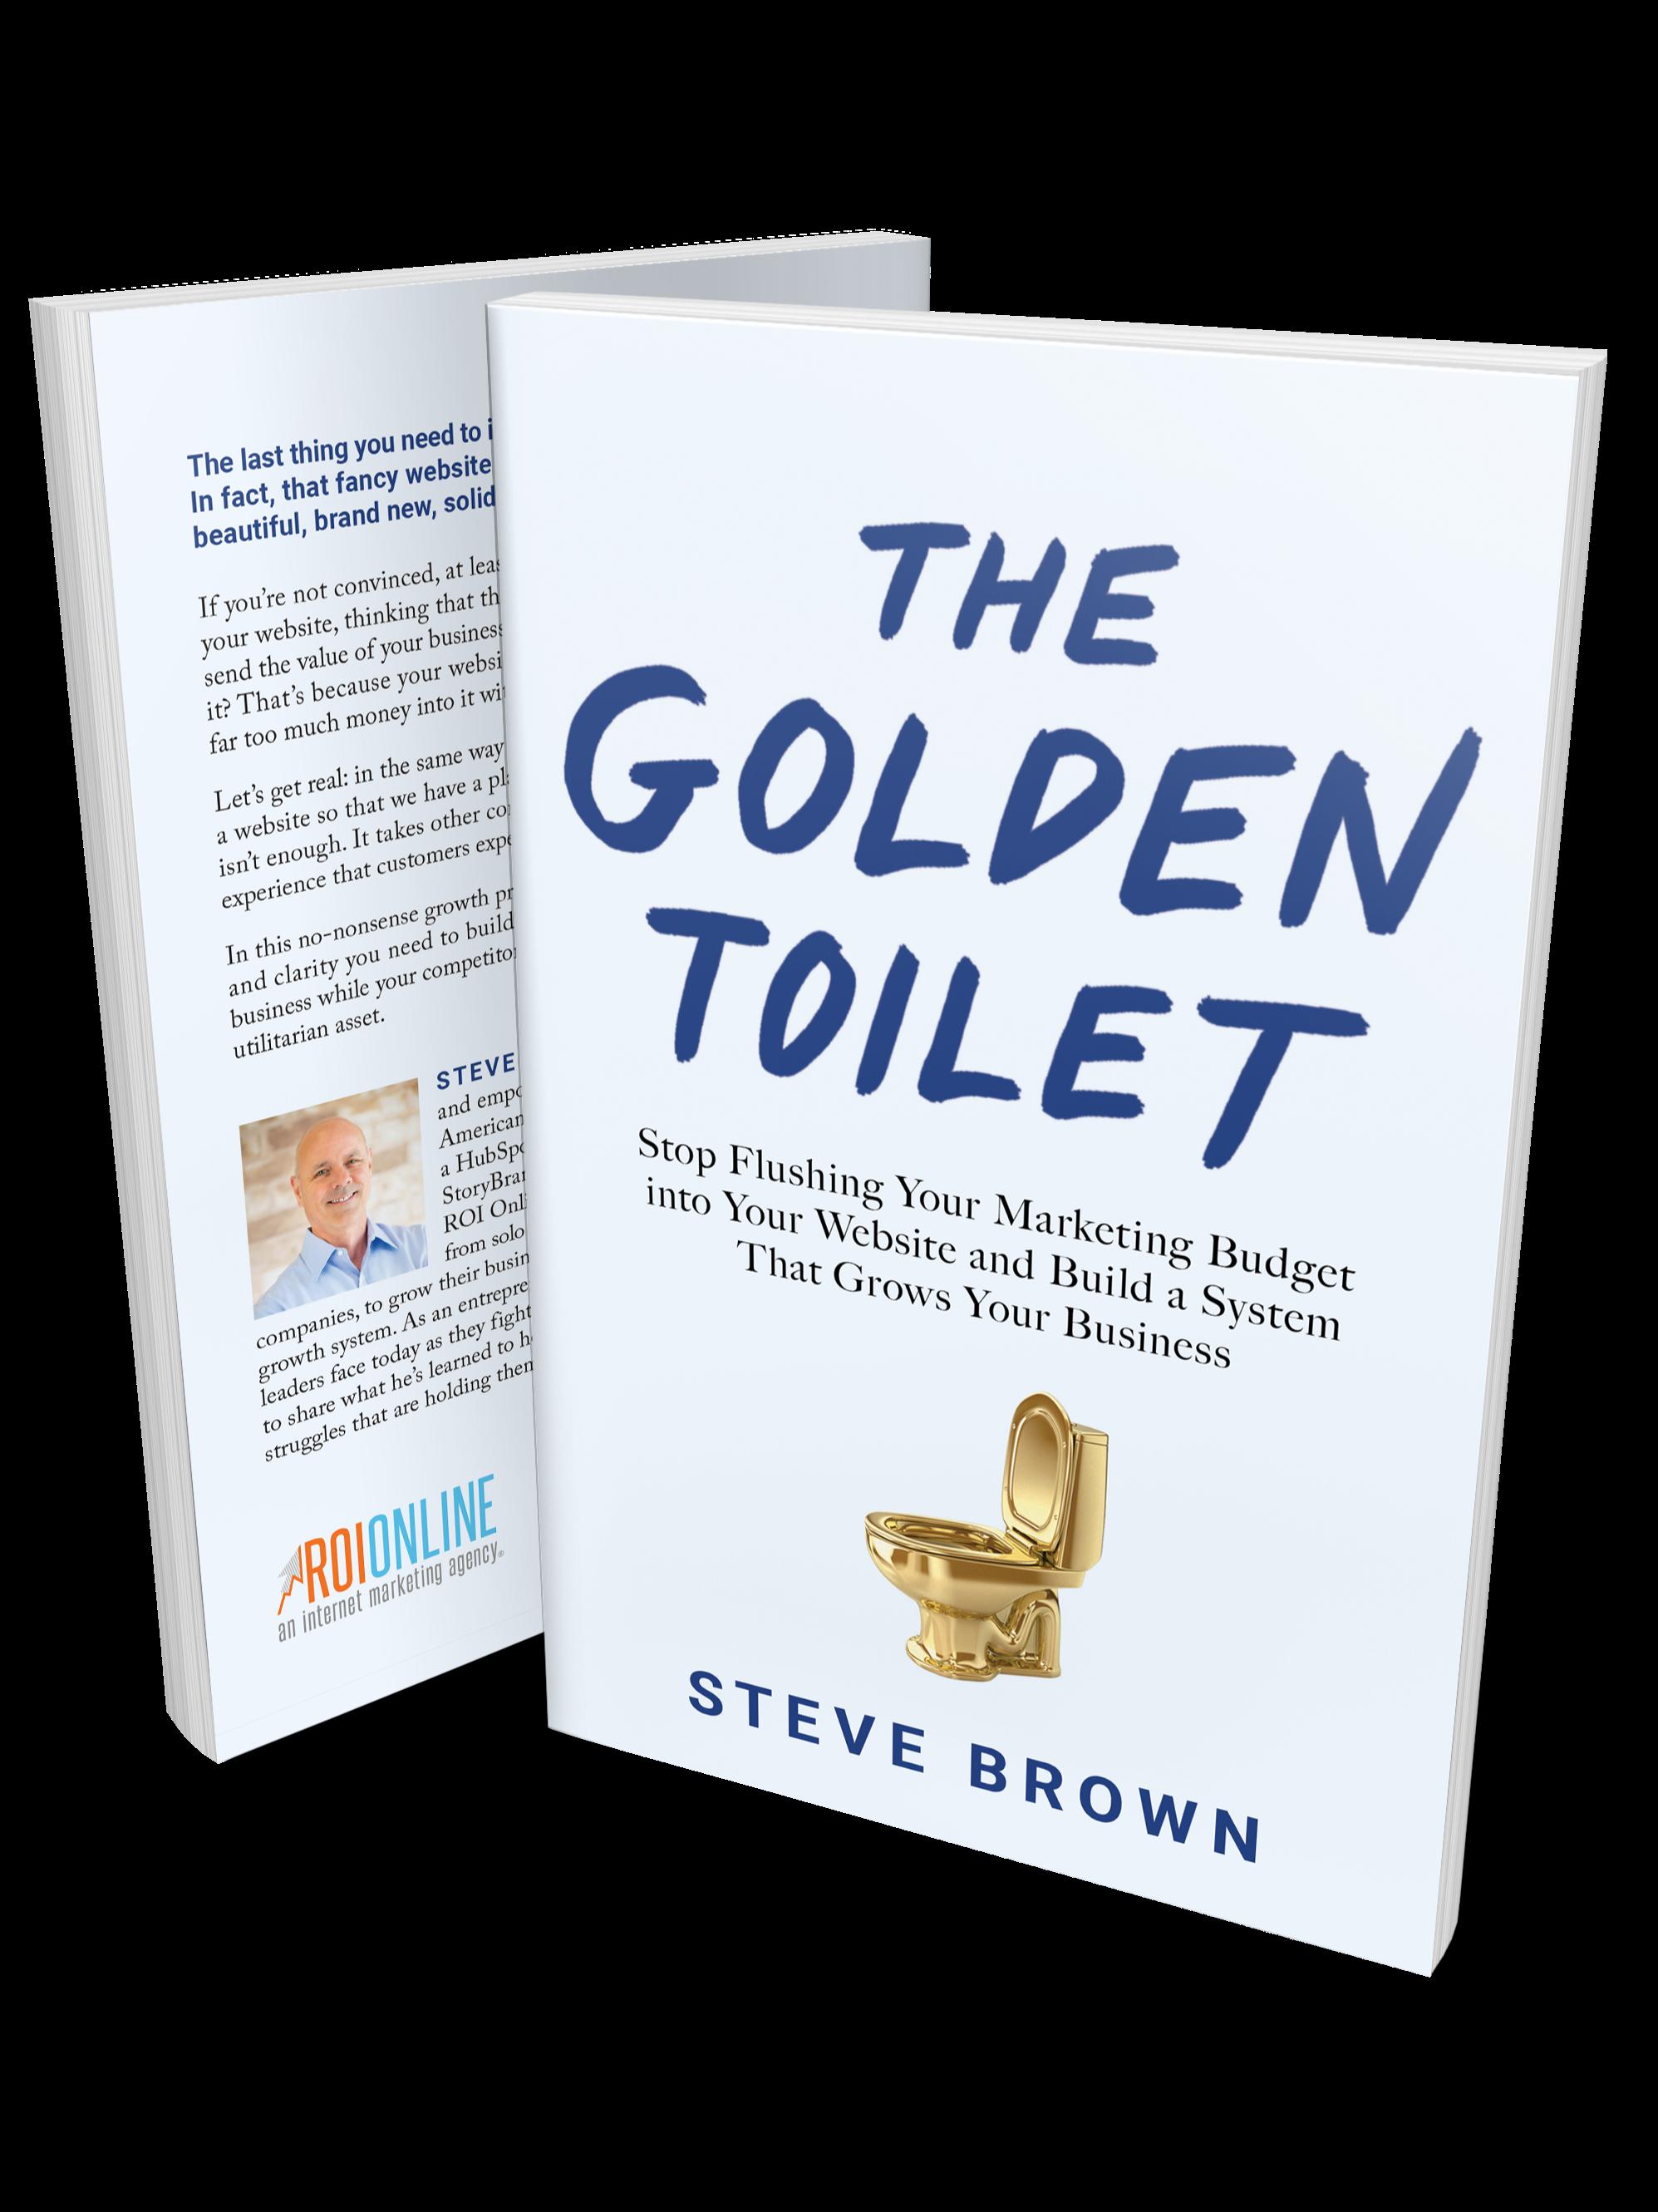 Golden Toilet Standing Paperback Clone